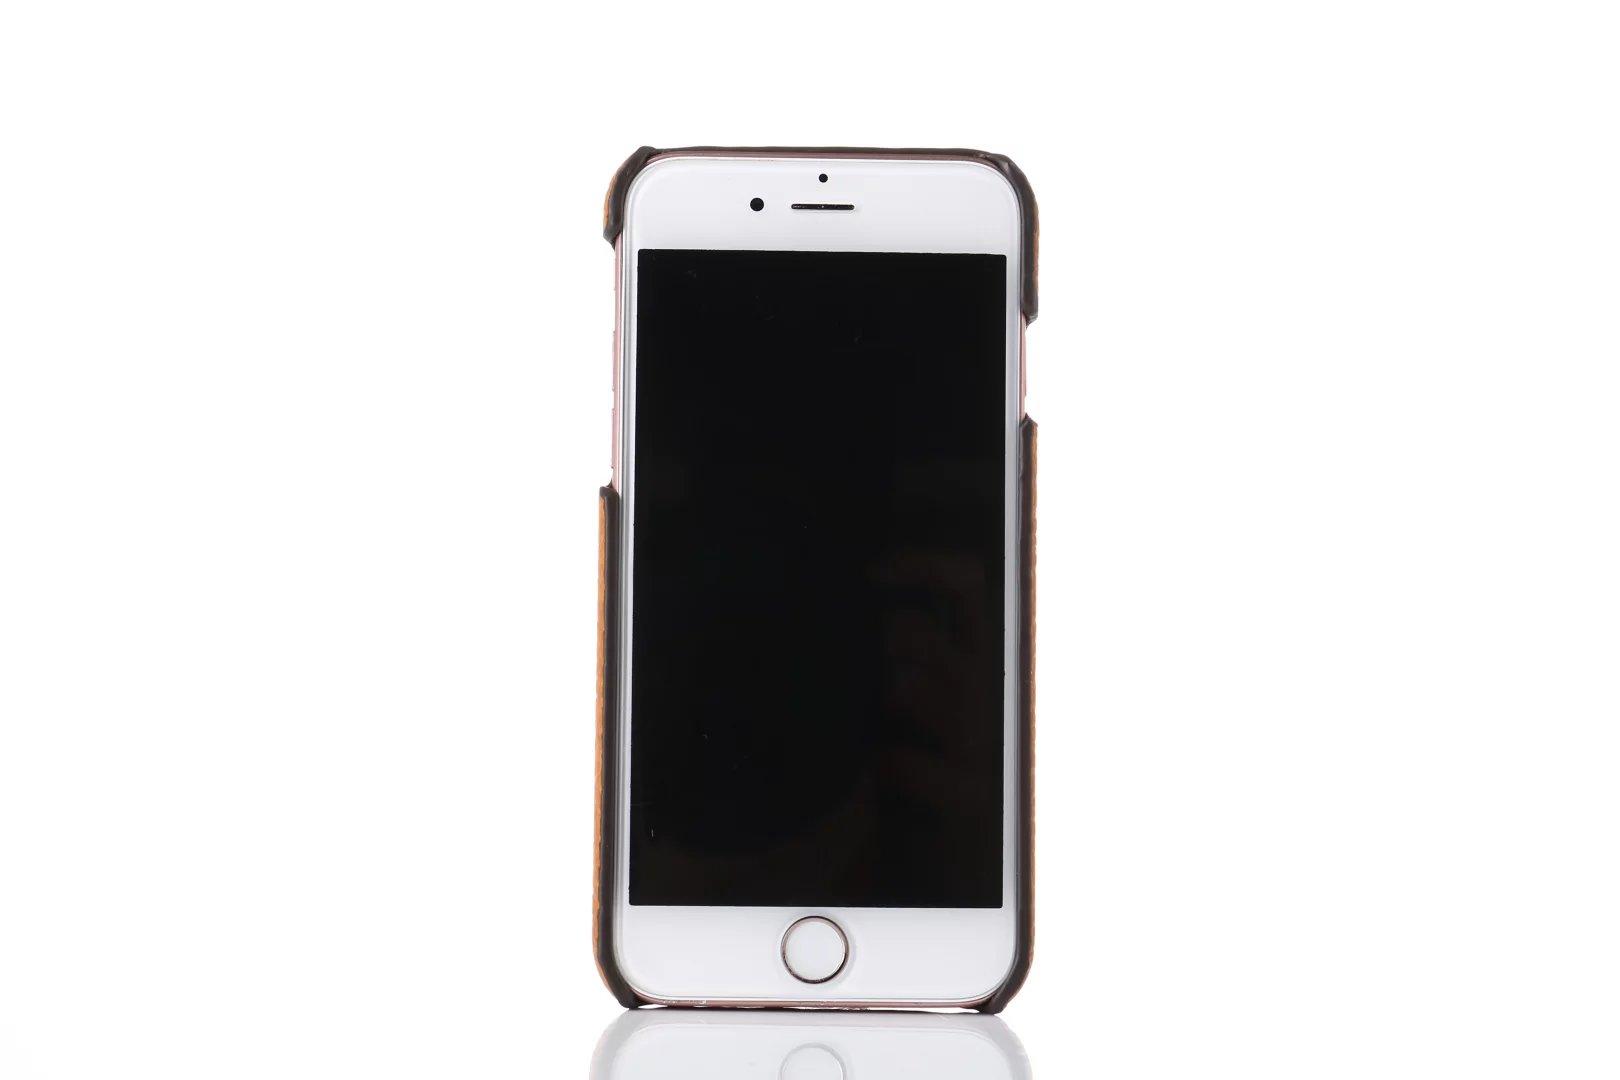 iphone hülle designen iphone schutzhülle selbst gestalten Modern Creation München iphone 8 Plus hüllen handy cover iphone iphone 8 Plus angebot iphone 8 Plus vorgestellt was ist das neueste iphone apple iphone 8 Plus a8 Plus tasche mit foto 8 Pluslbst gestalten